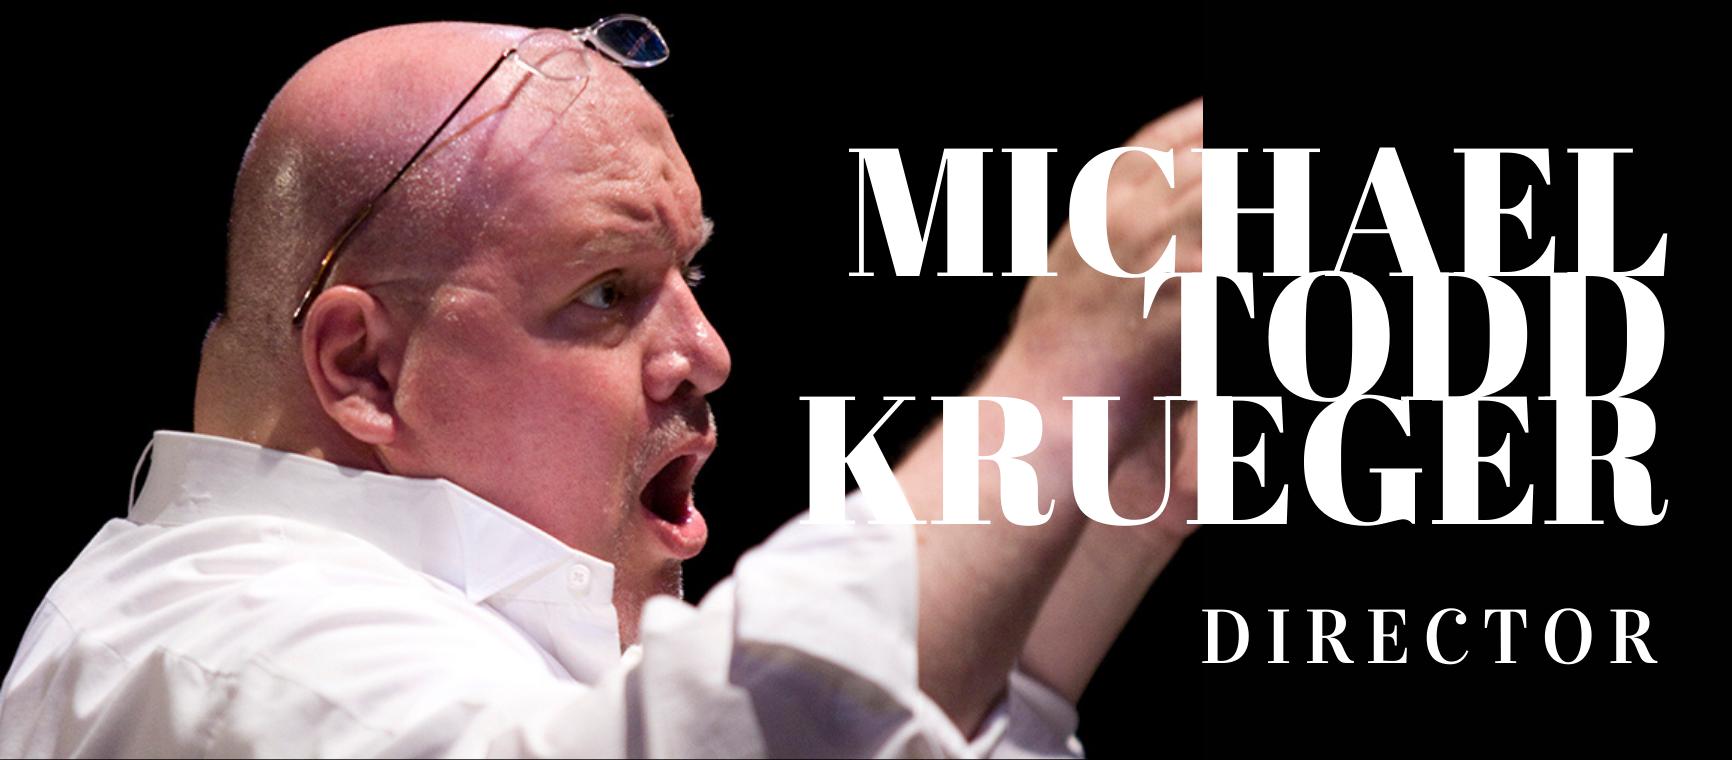 Director Michael Todd Krueger